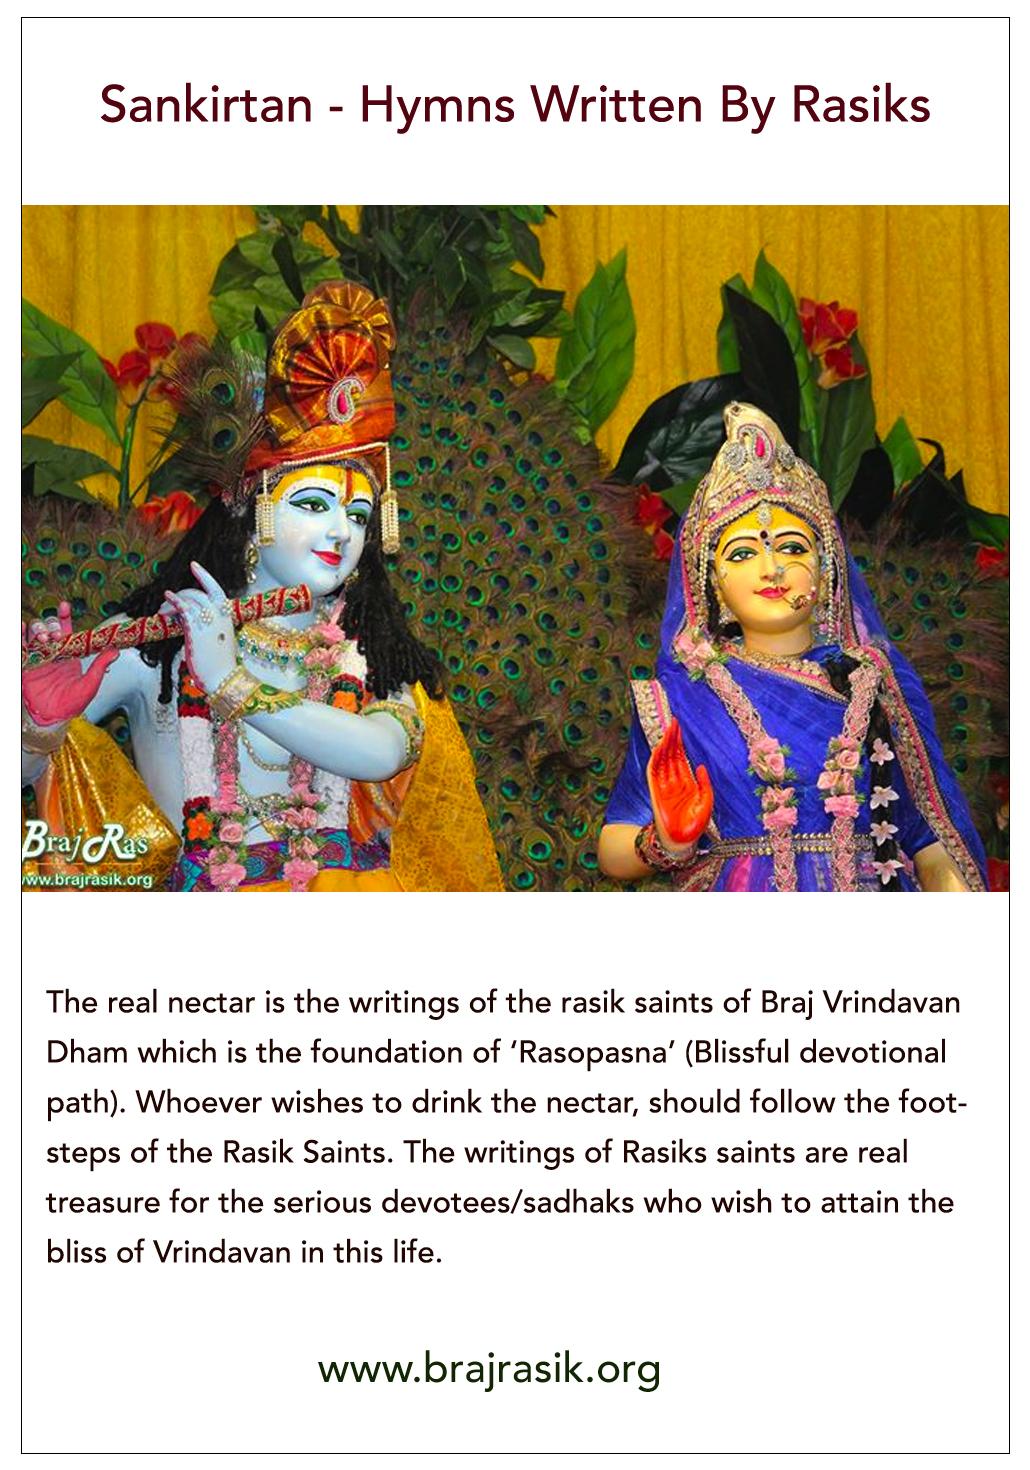 Sankirtan - Hymns Written By Rasiks